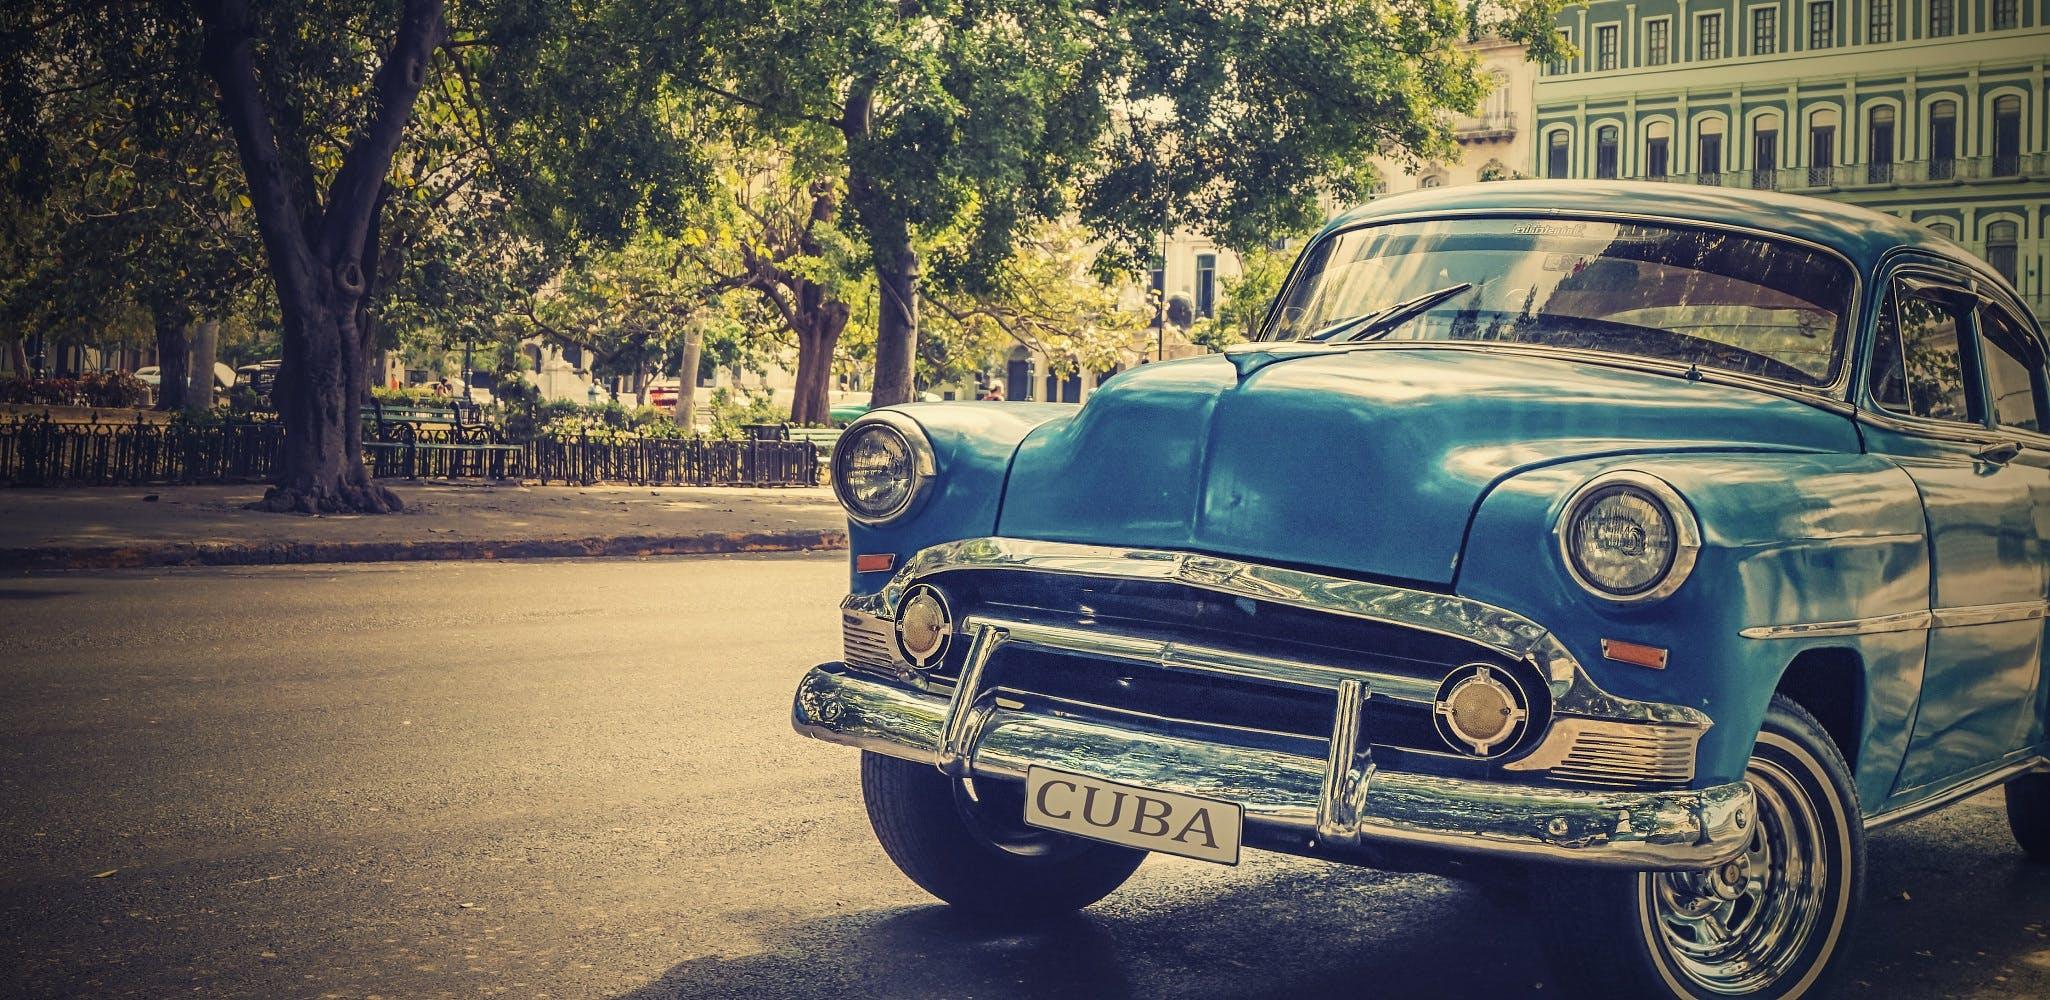 antique, automobile, automotive